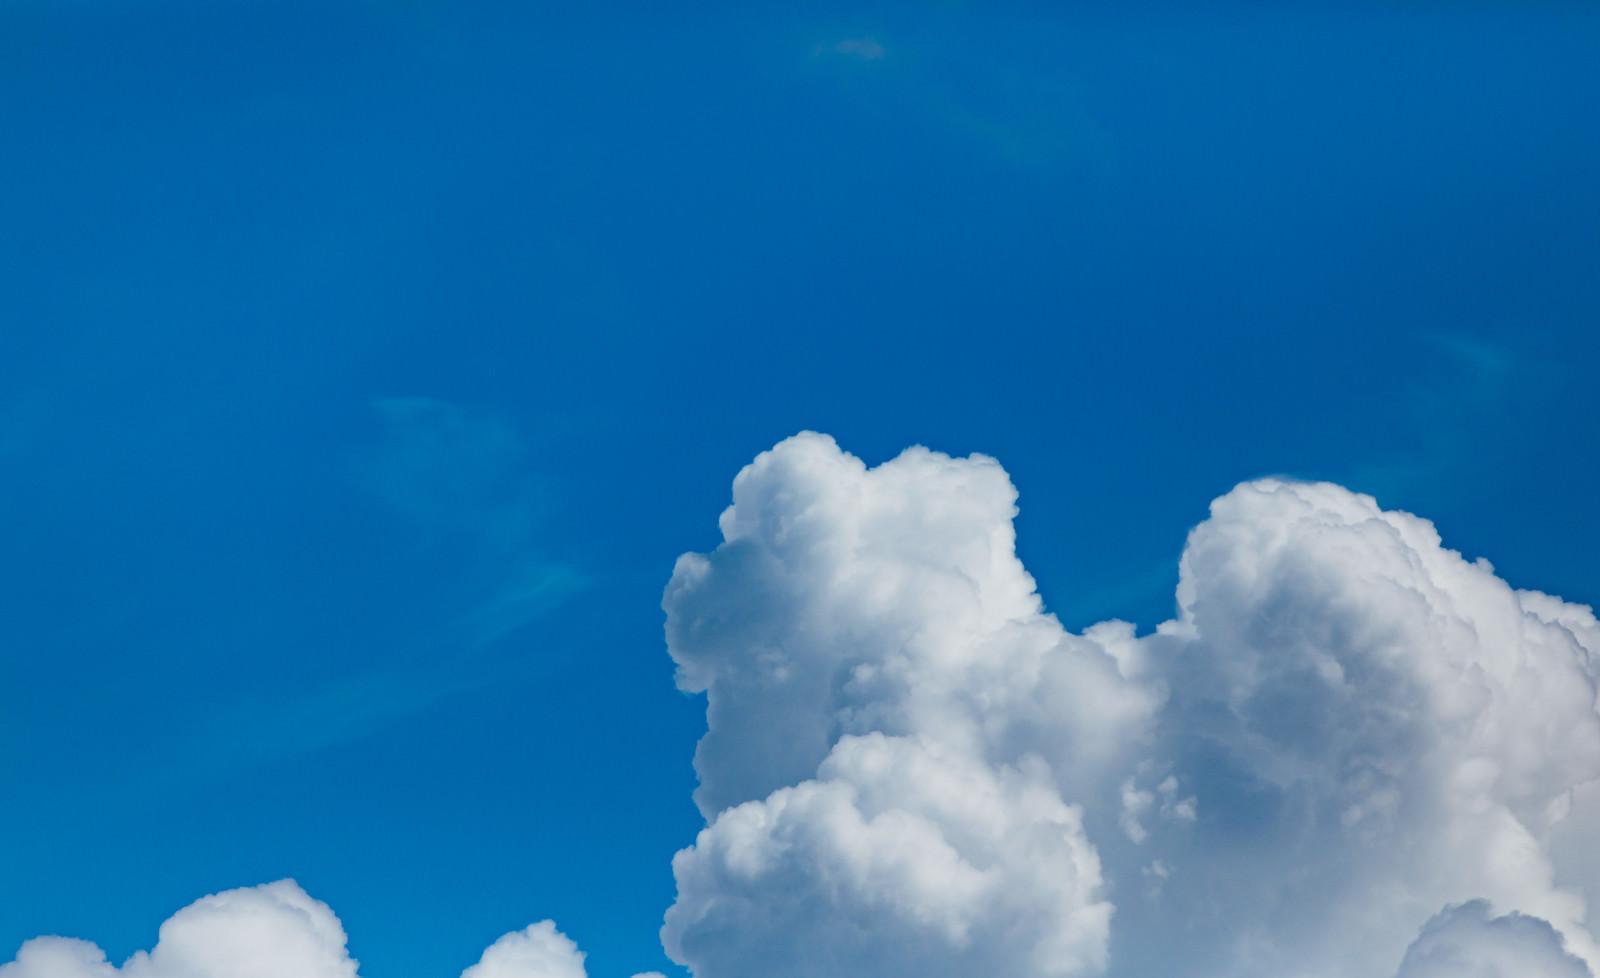 「夏の空と積乱雲」の写真